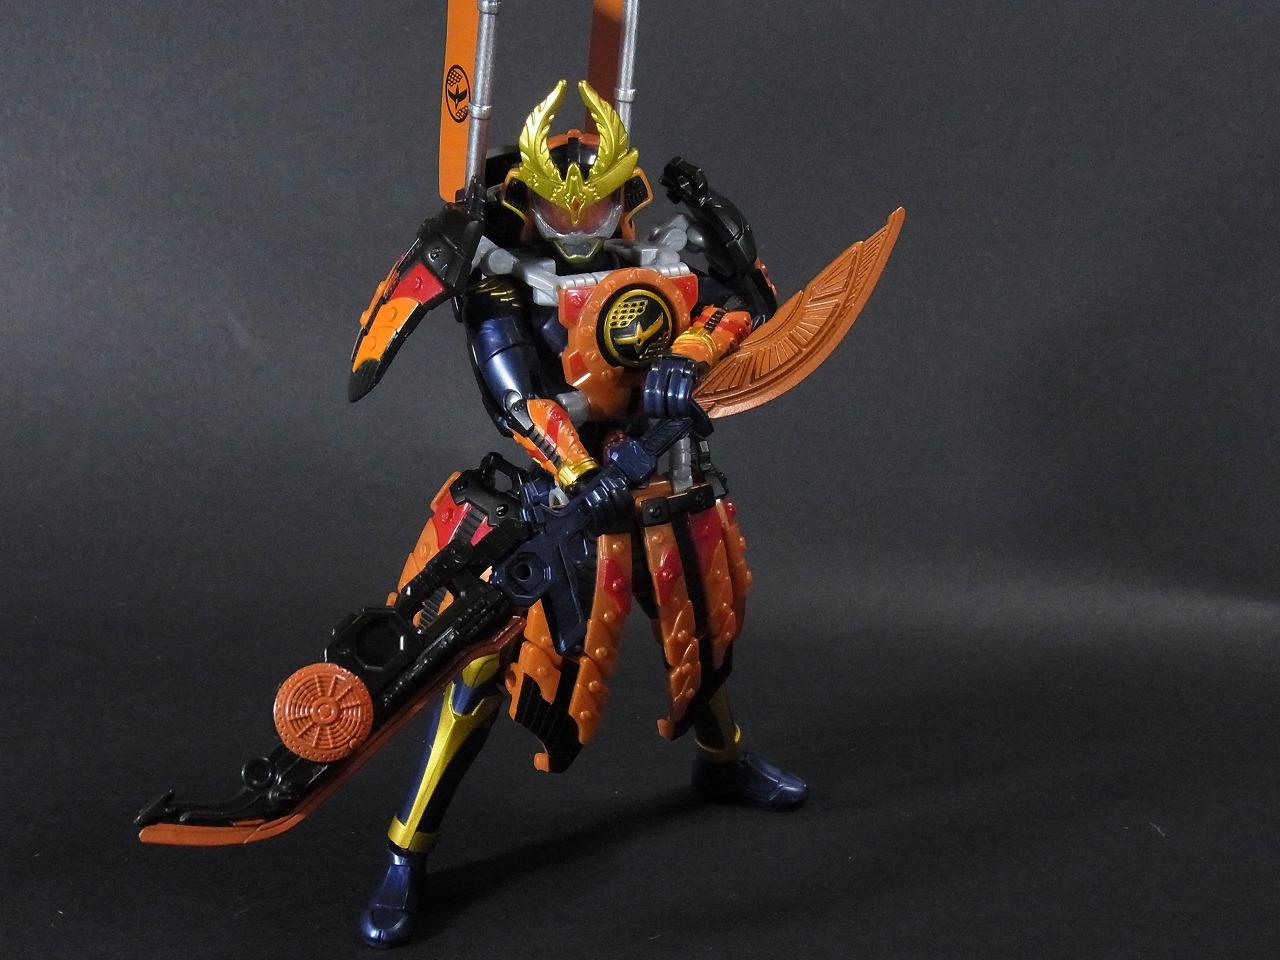 火縄橙DJ銃大剣モード・なぎなたモード